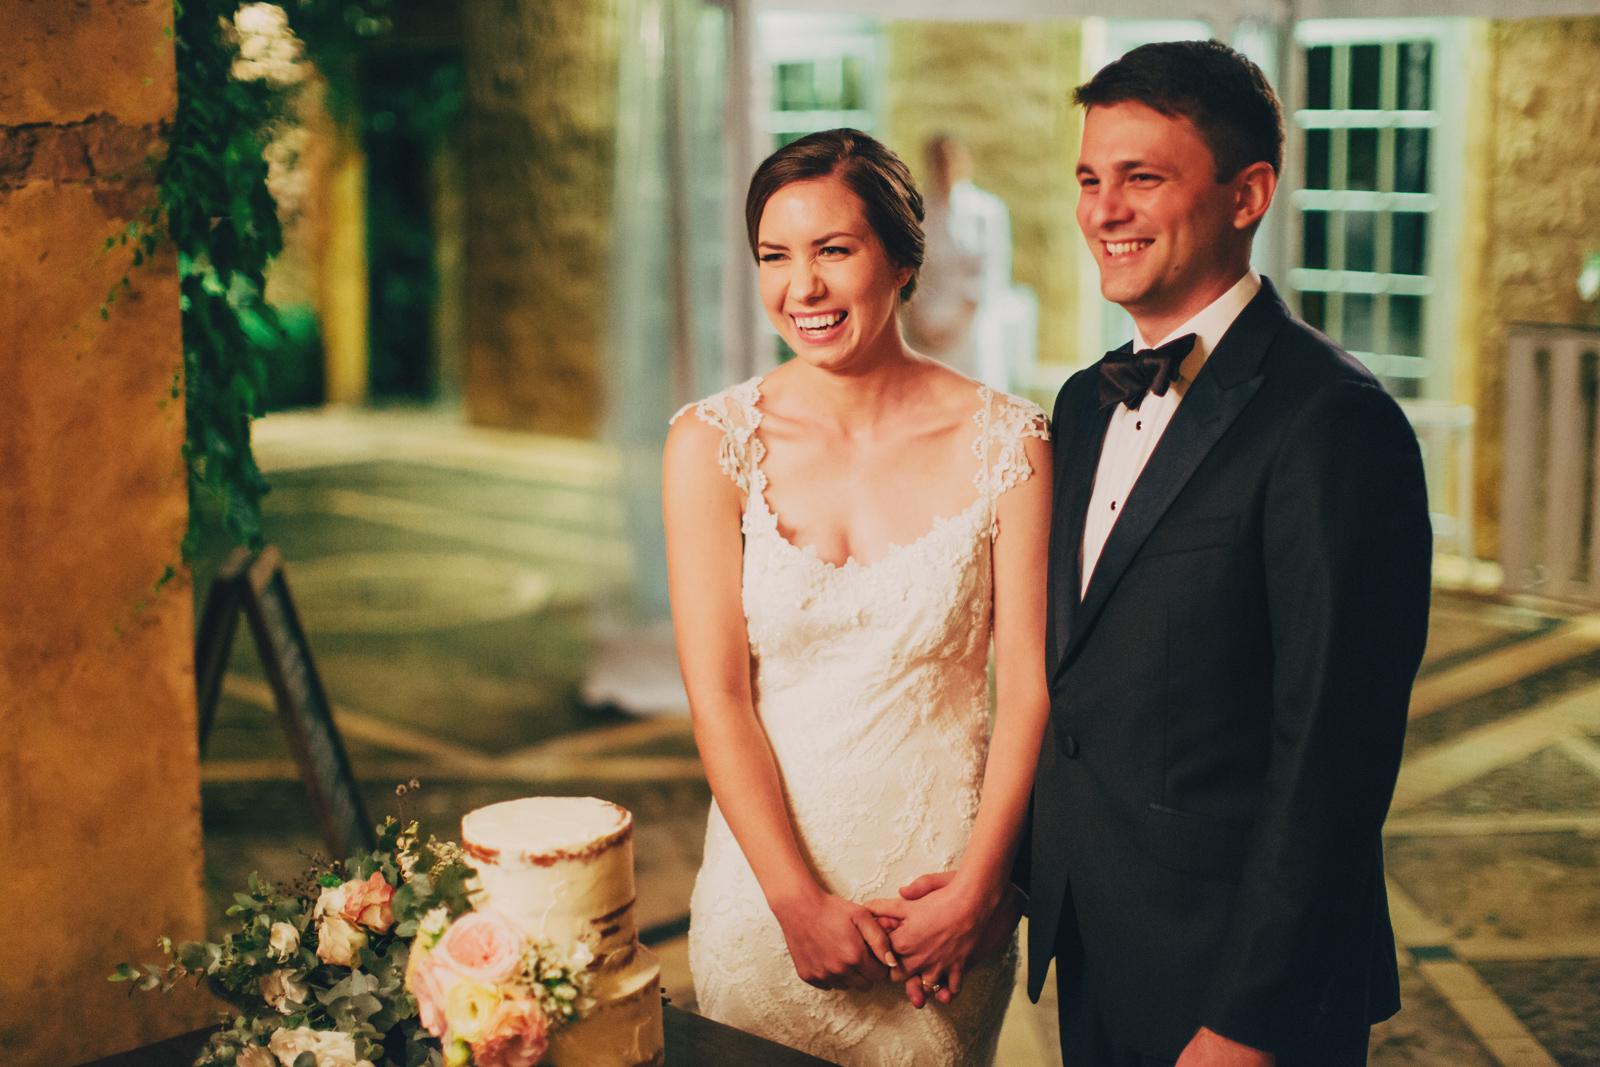 Hilary-&-Darren-Married---0830